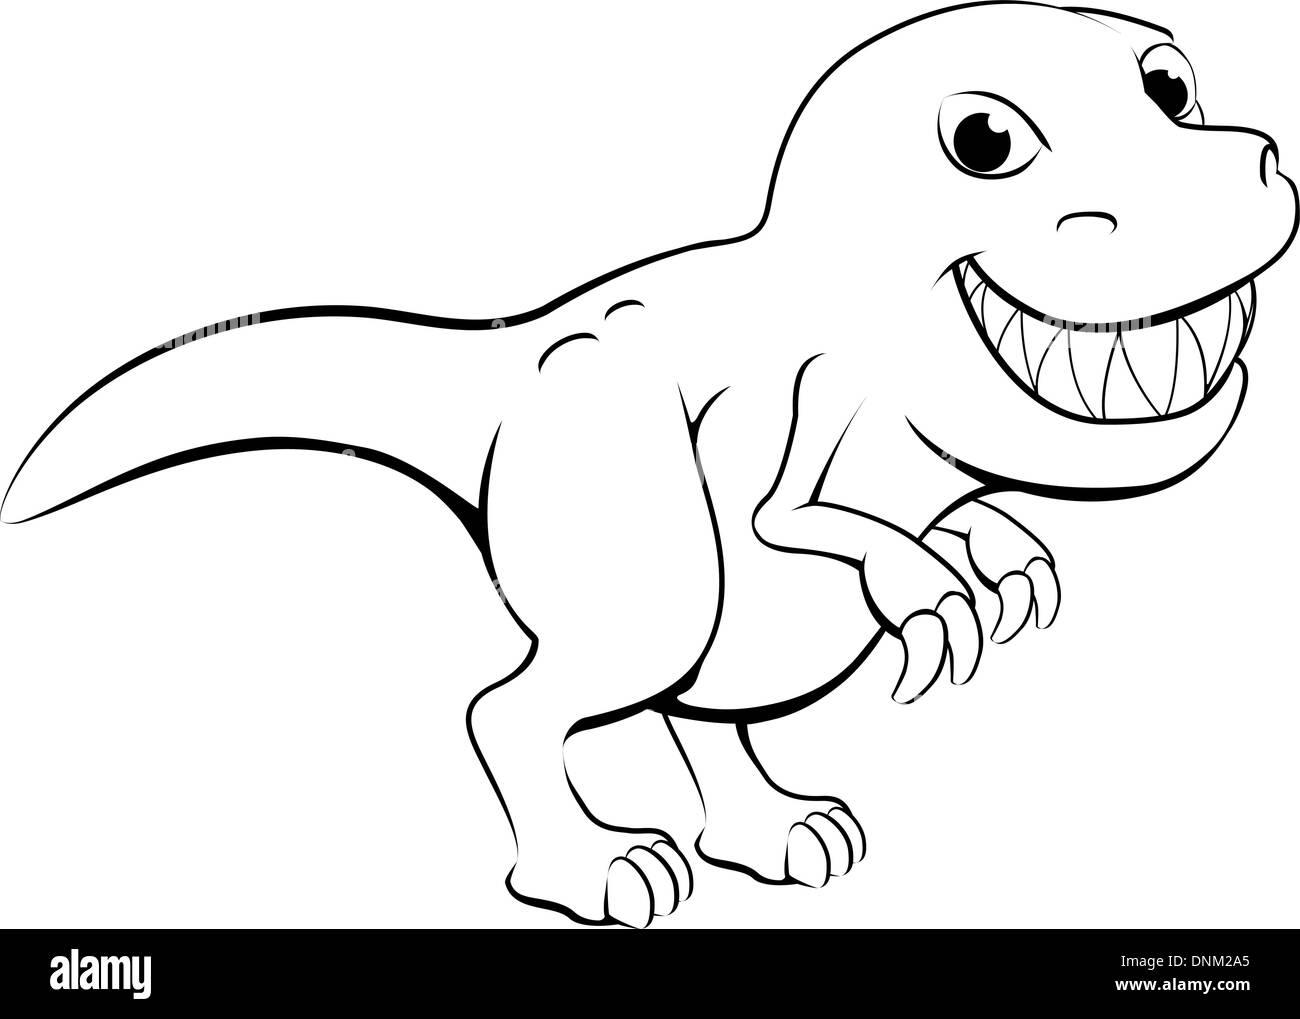 Erfreut Ausmalbilder Dinosaurier T Rex Fotos Malvorlagen Von